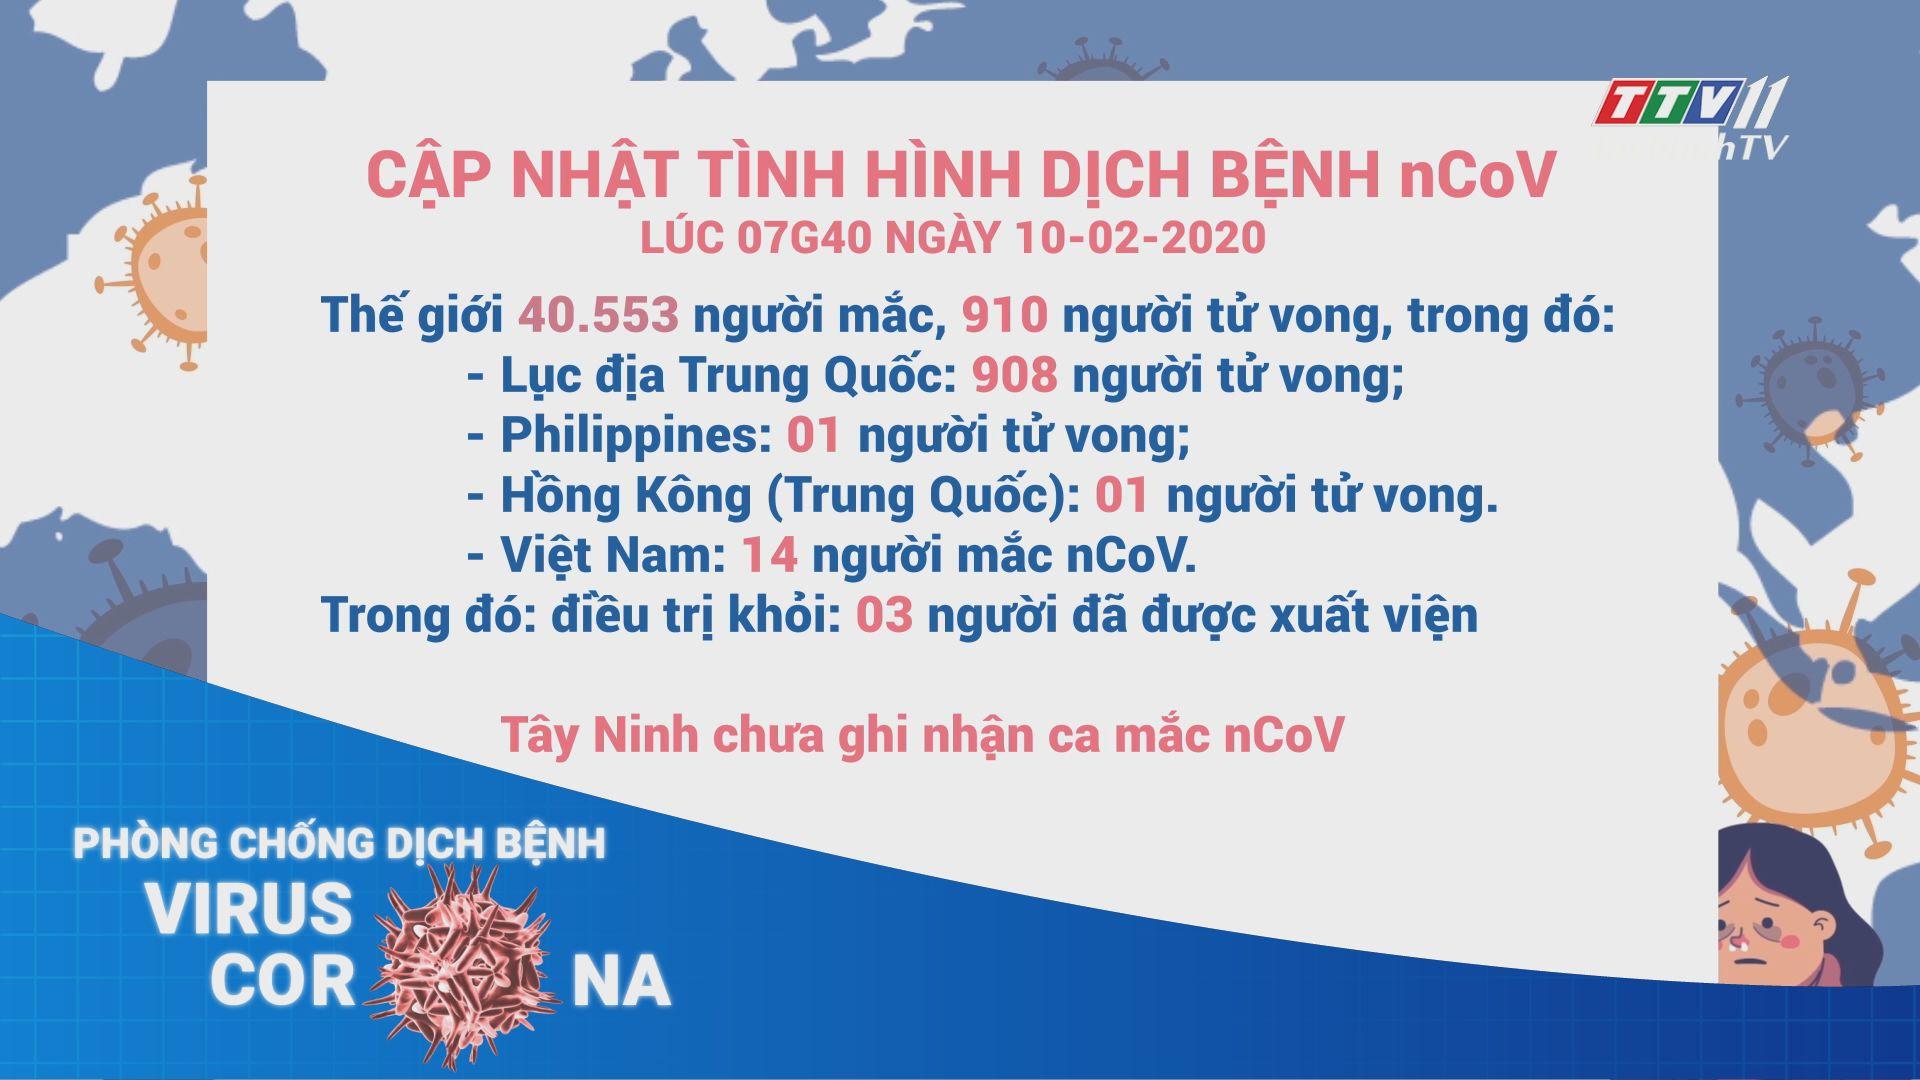 Cập nhật tình hình dịch bệnh viêm đường hô hấp do chủng mới của virus Corona (nCoV) đến 08 giờ ngày 10-02-2020 | TayNinhTV